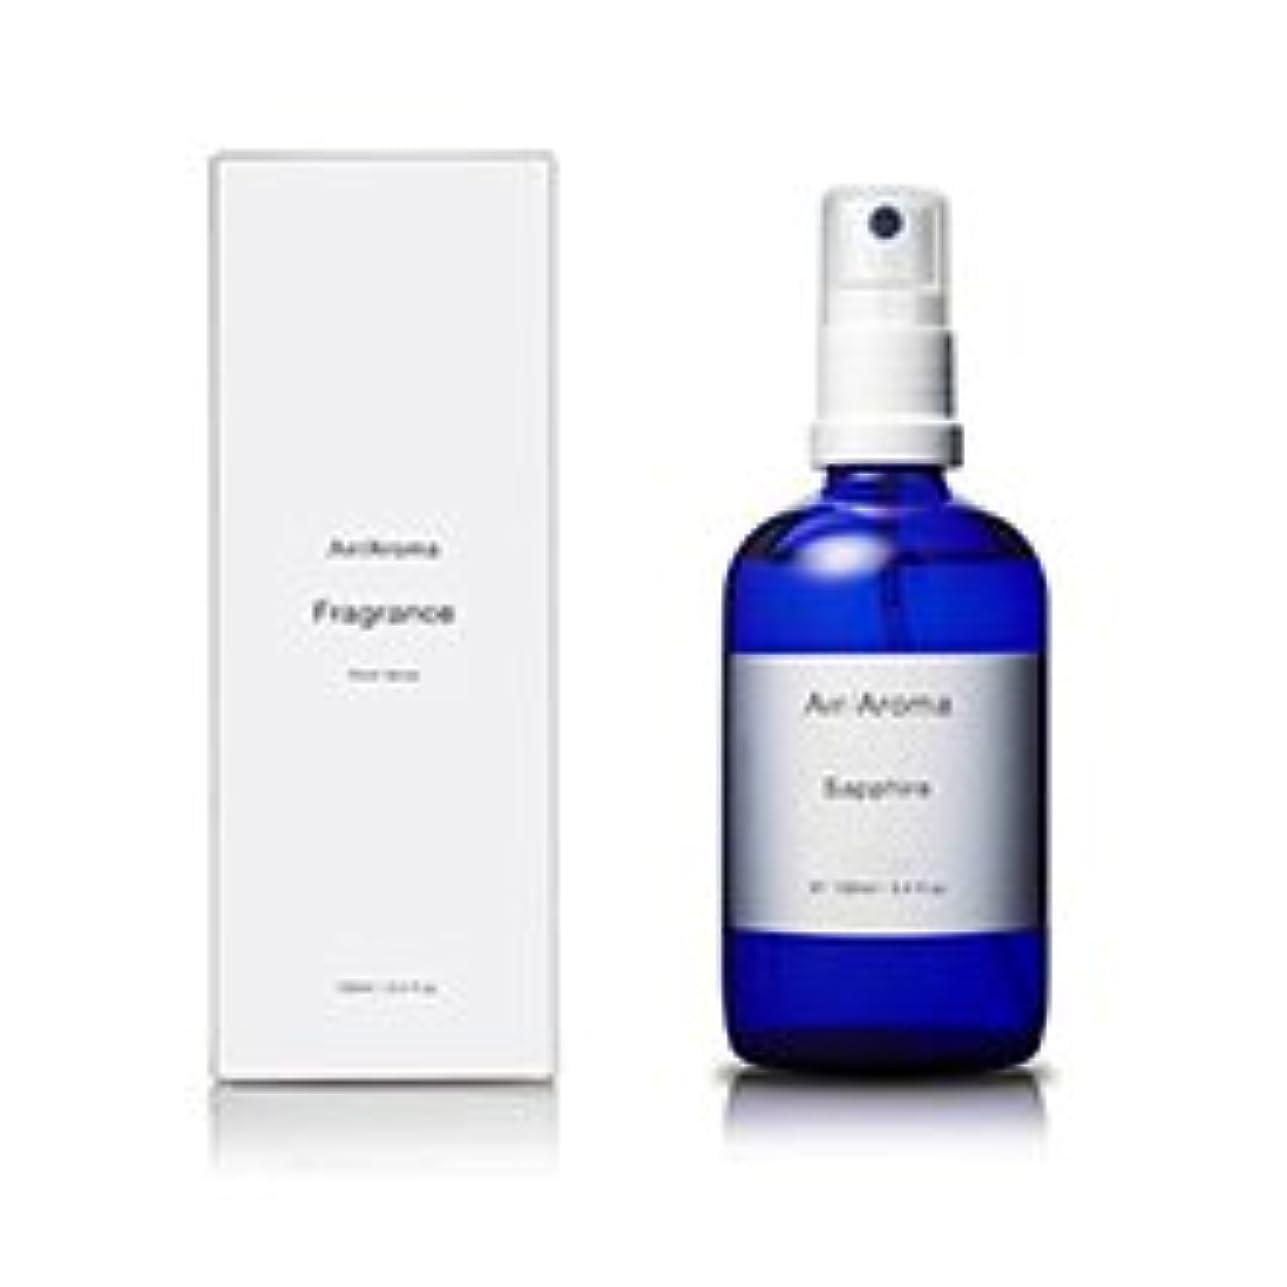 二次パレードくしゃくしゃエアアロマ sapphire room fragrance(サファイア ルームフレグランス) 100ml